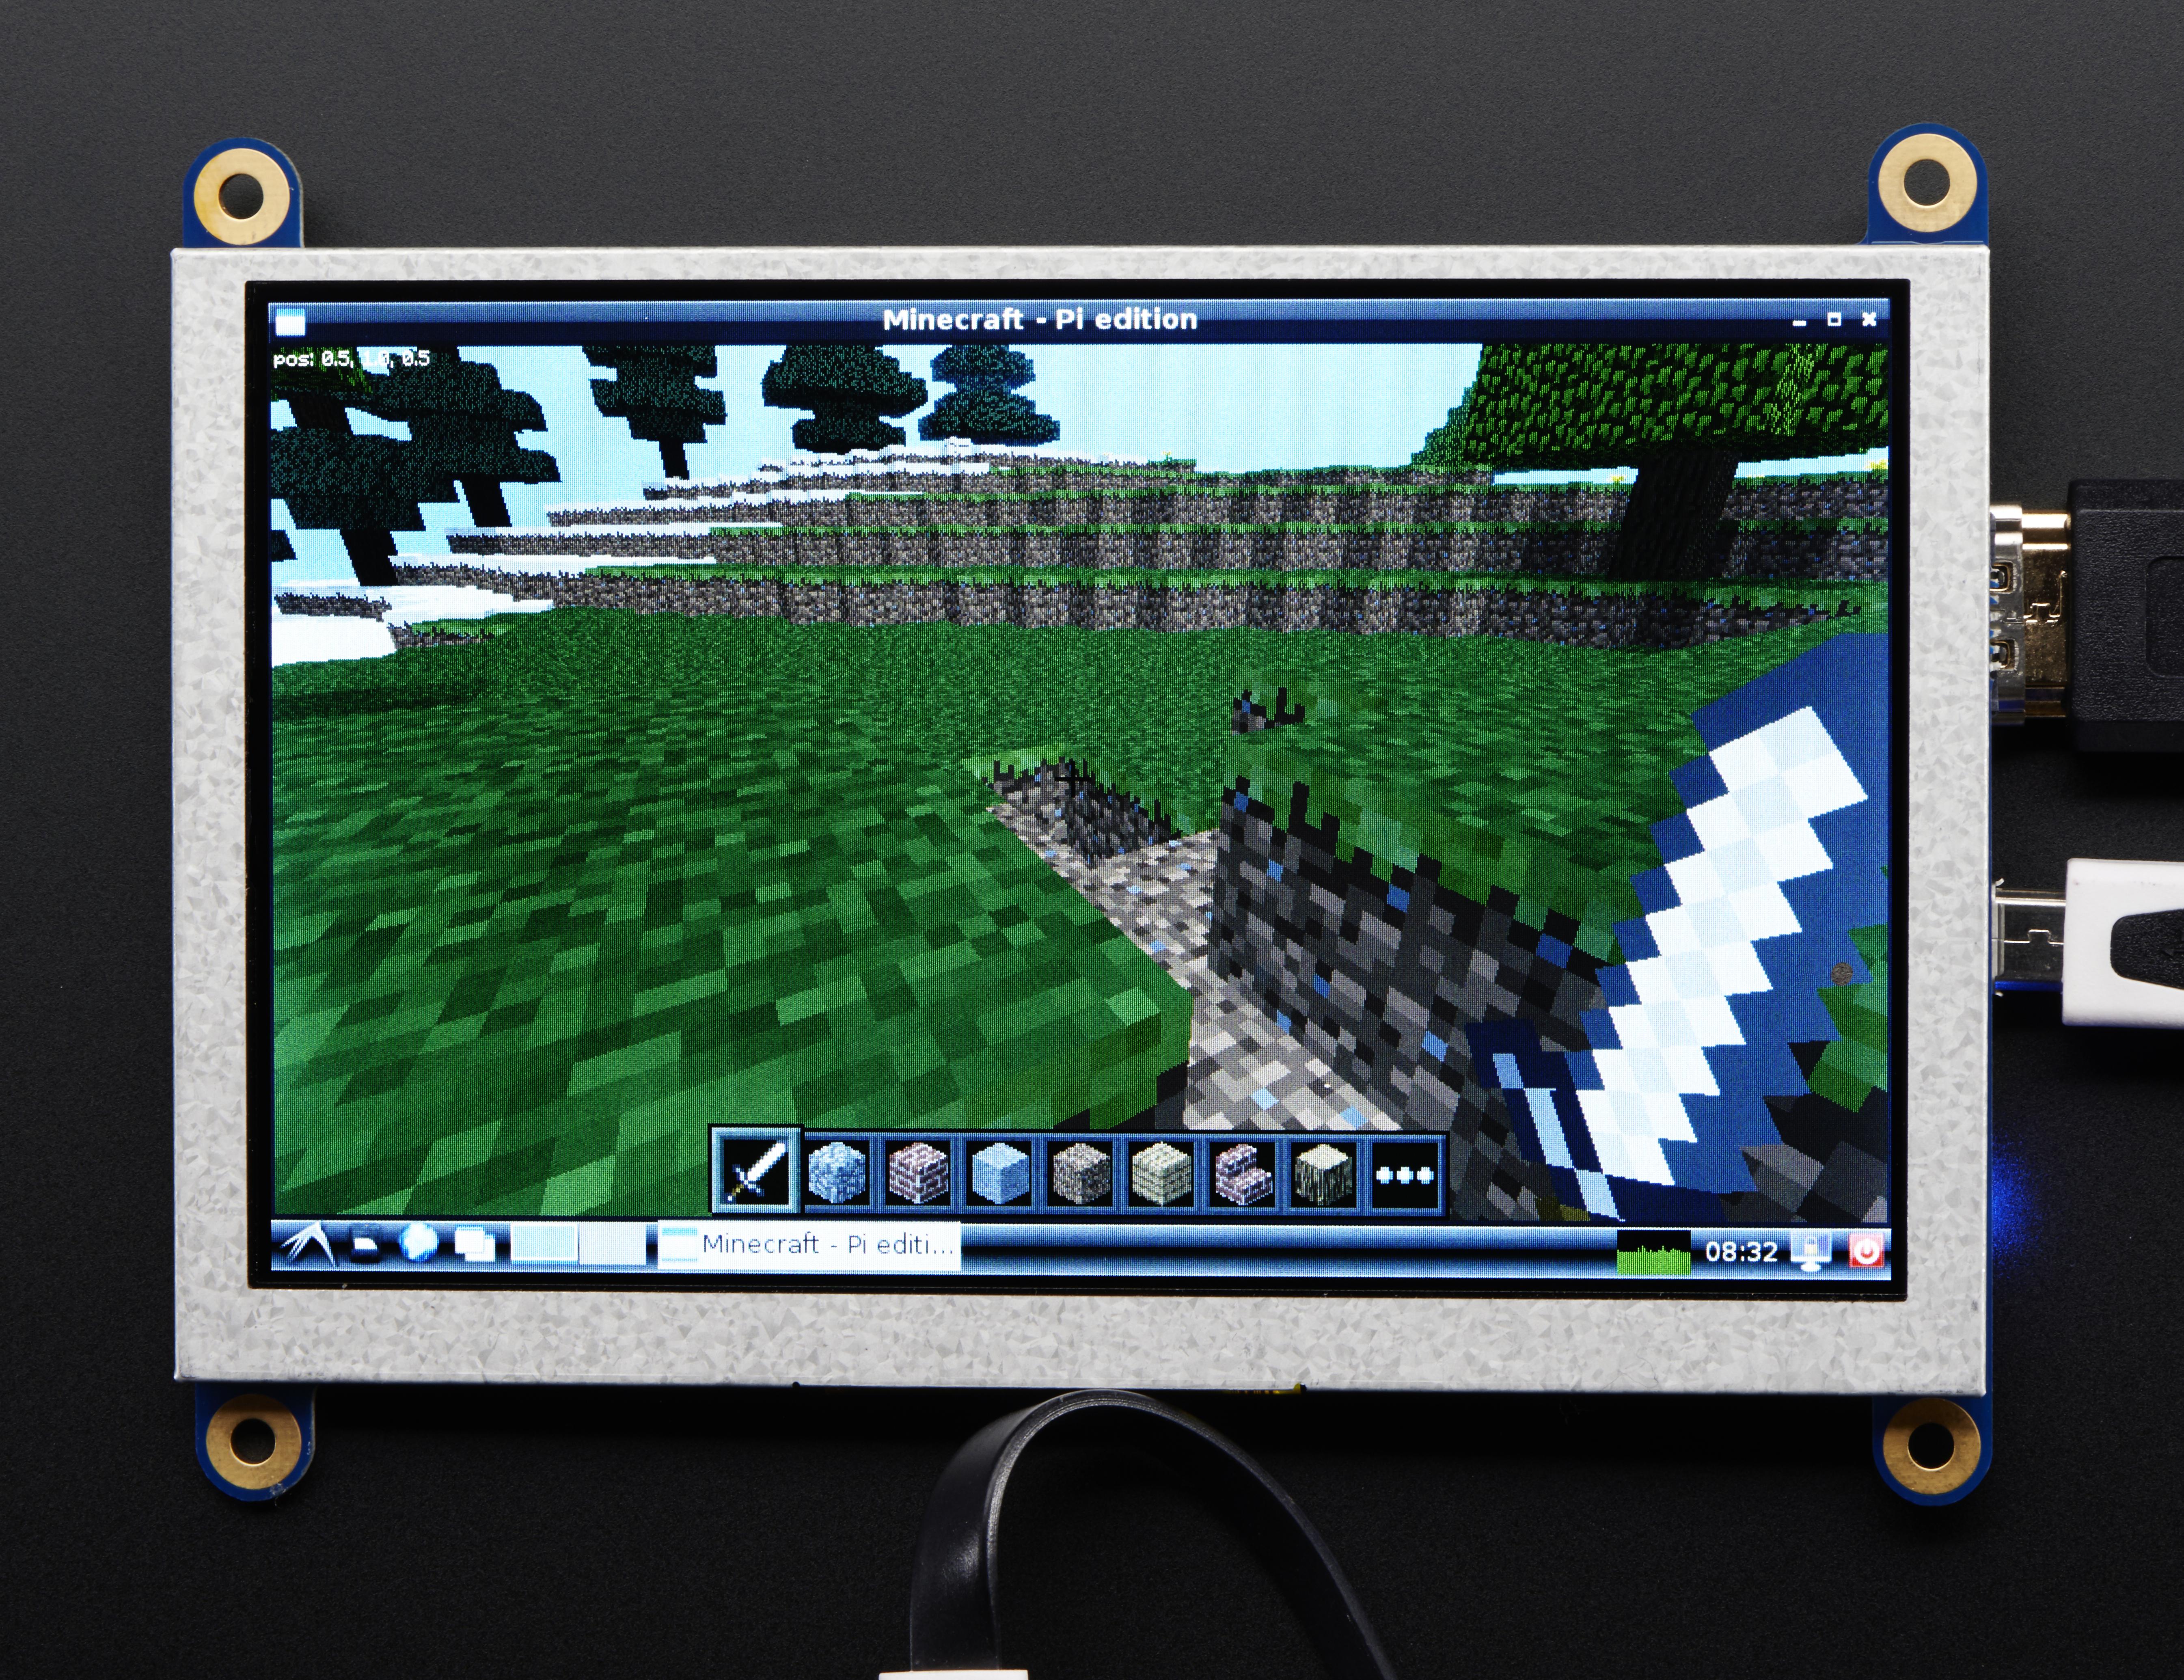 adafruit_products_2232_Screen_03_ORIG.jpg